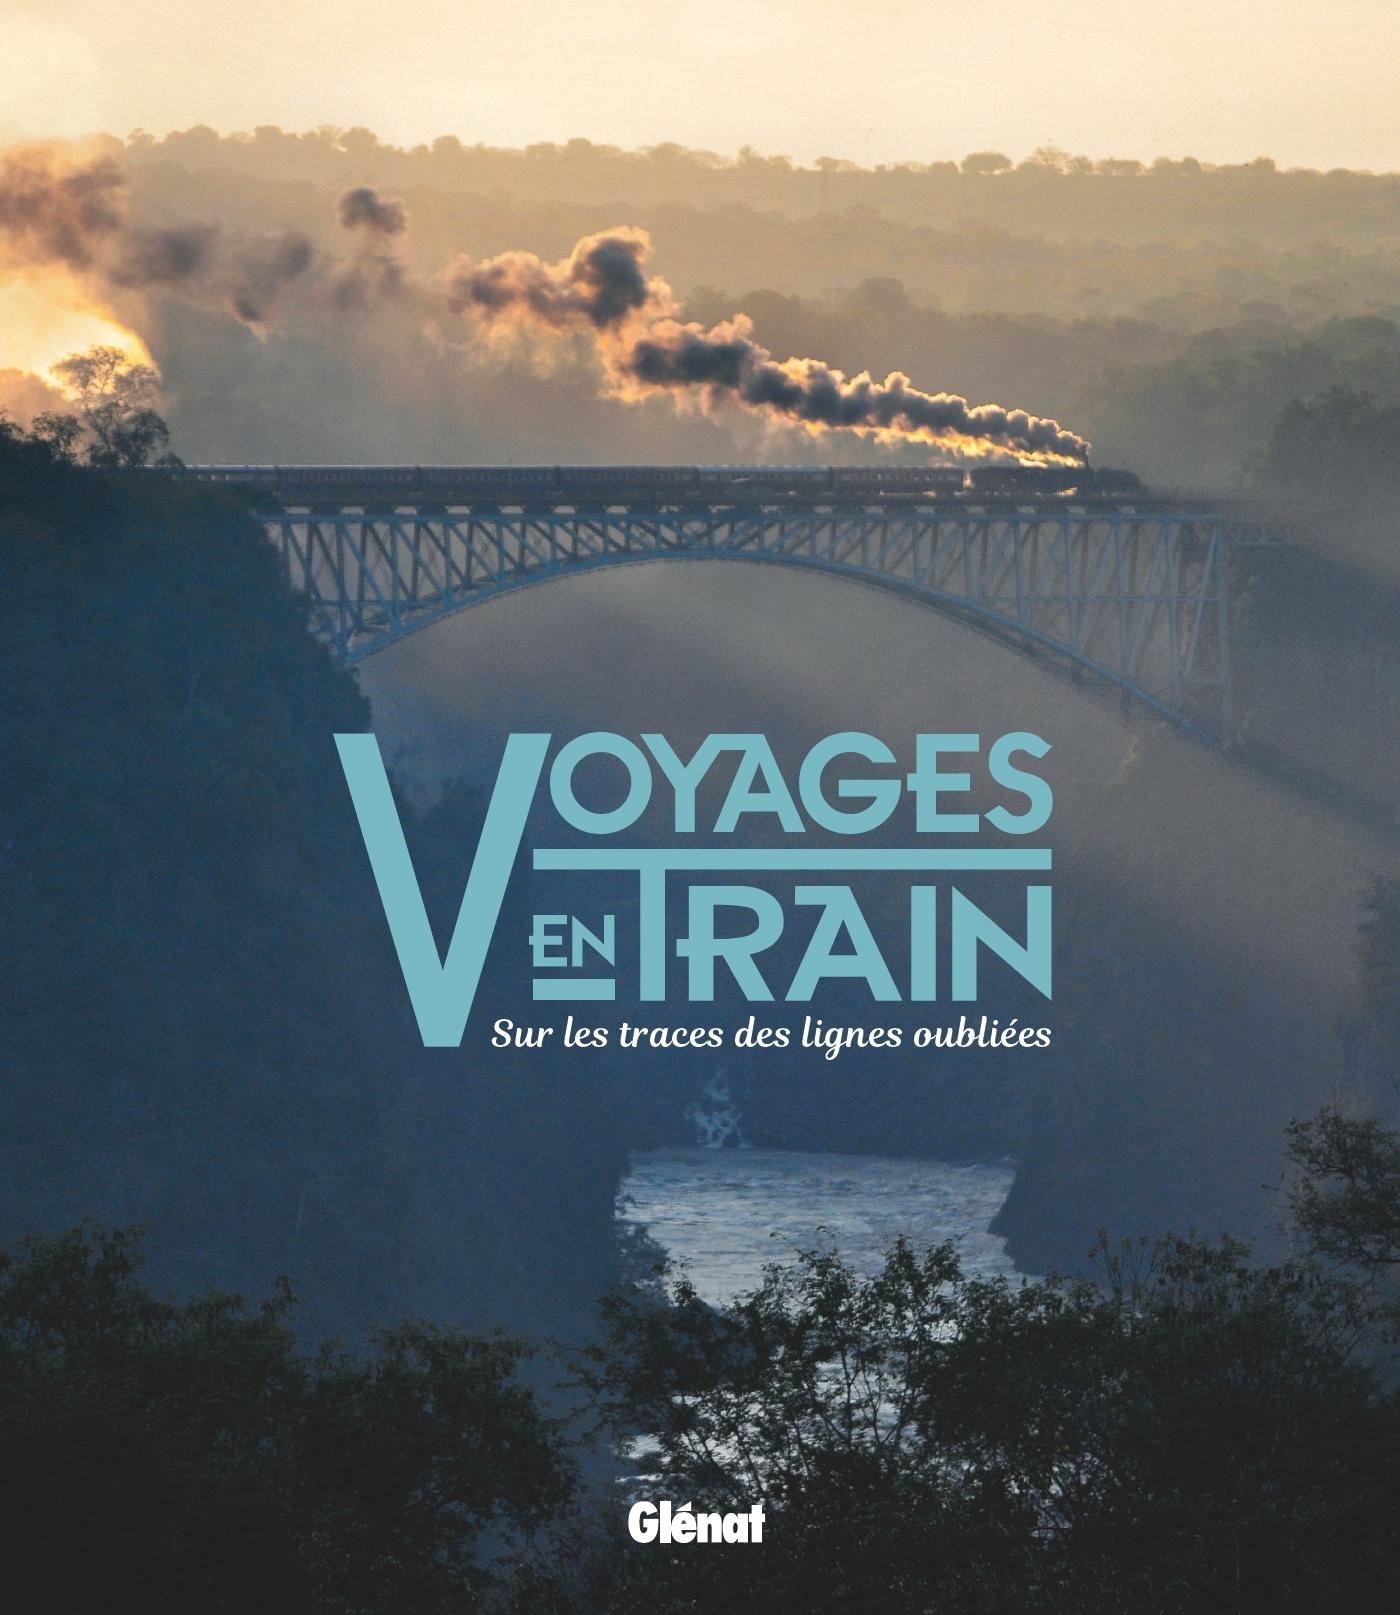 VOYAGES EN TRAIN - SUR LES TRACES DES LIGNES OUBLIEES